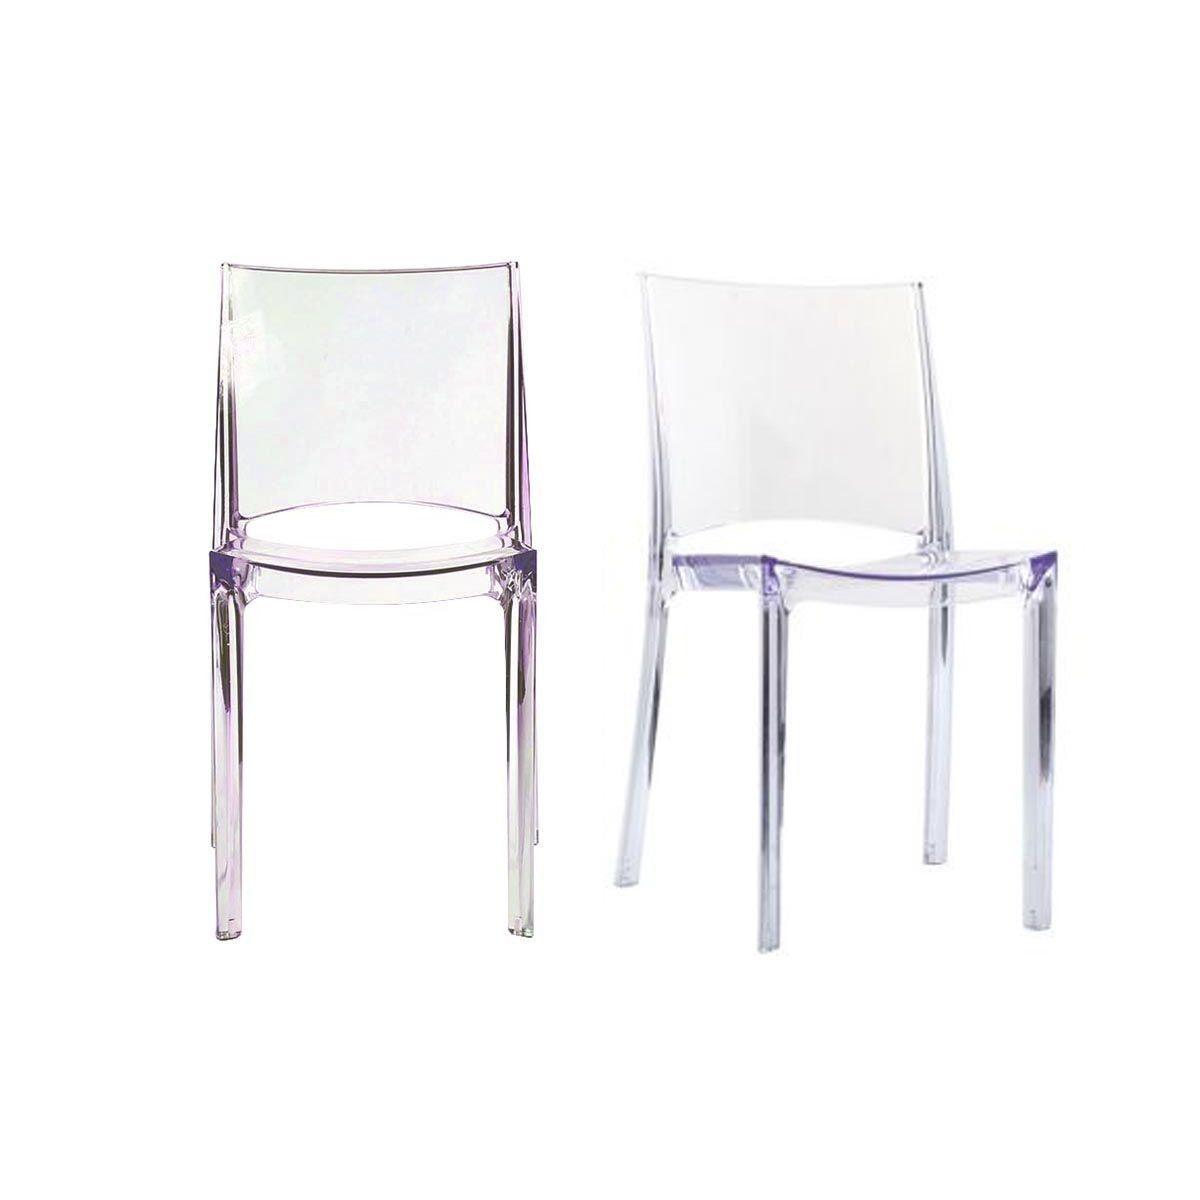 Image Du Tableau Chaise De Isabelle Perret En 2020 Chaise Transparente Chaise Salle A Manger